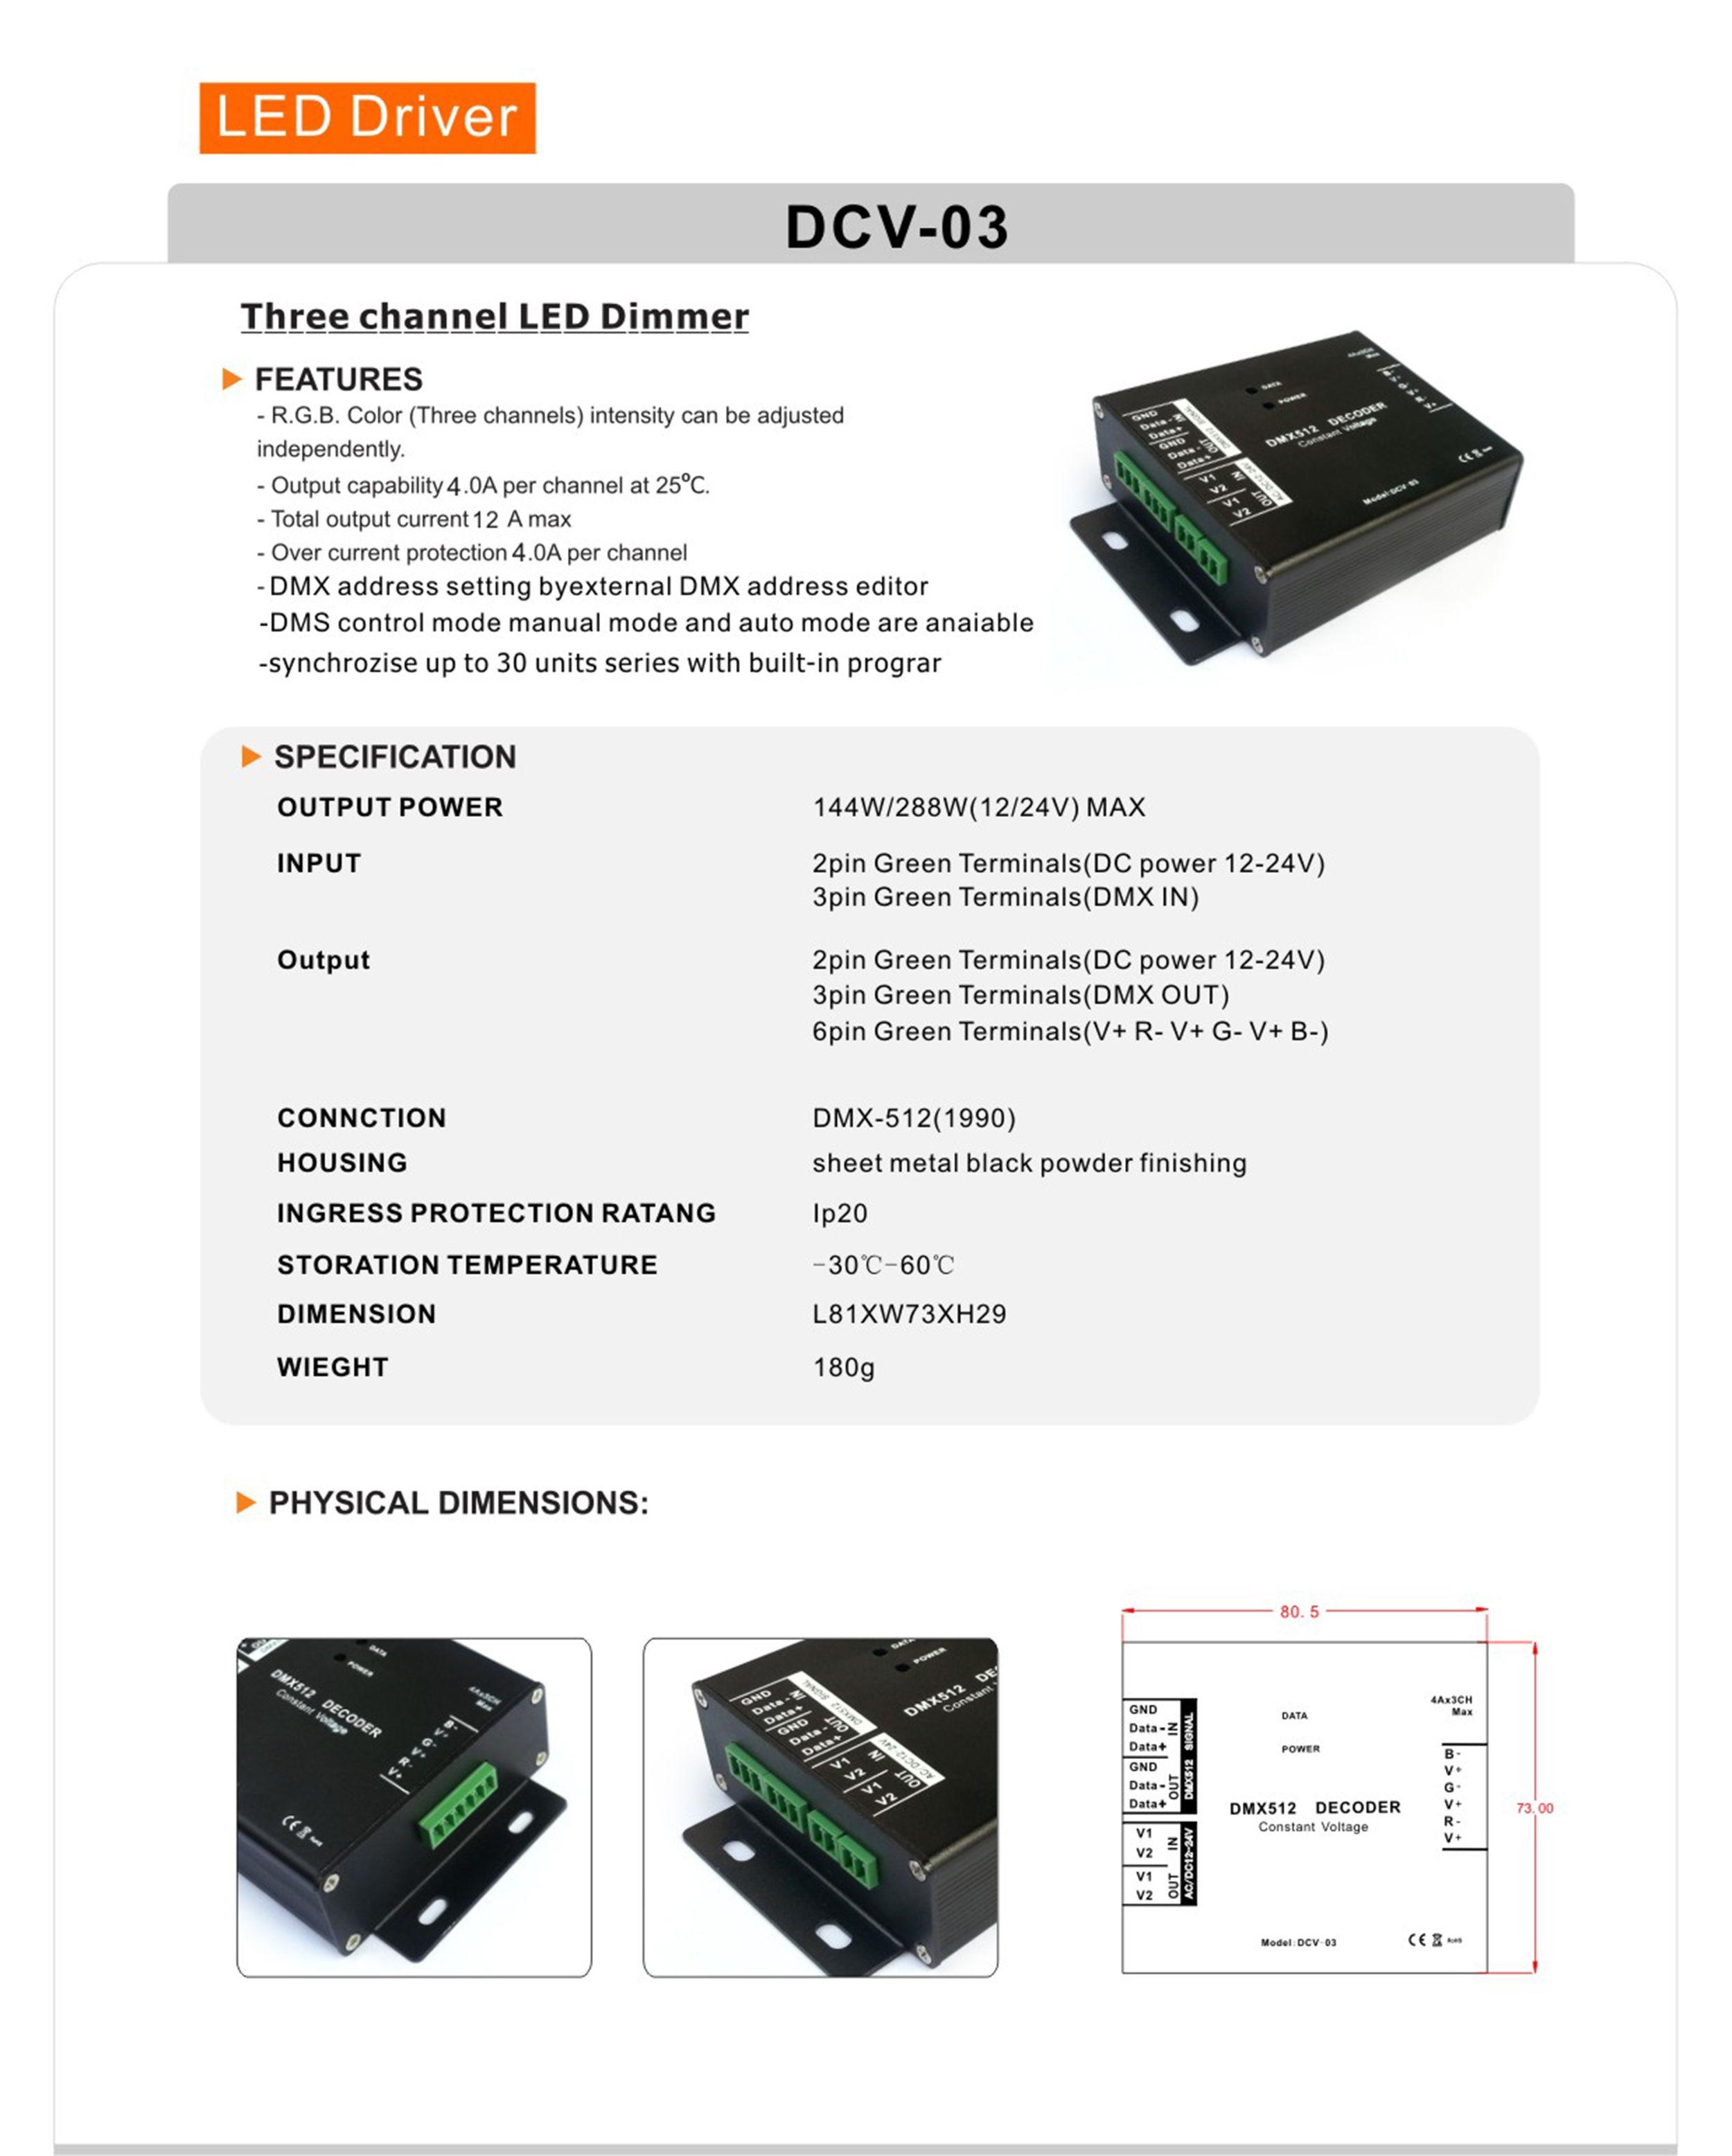 dcv-03-3